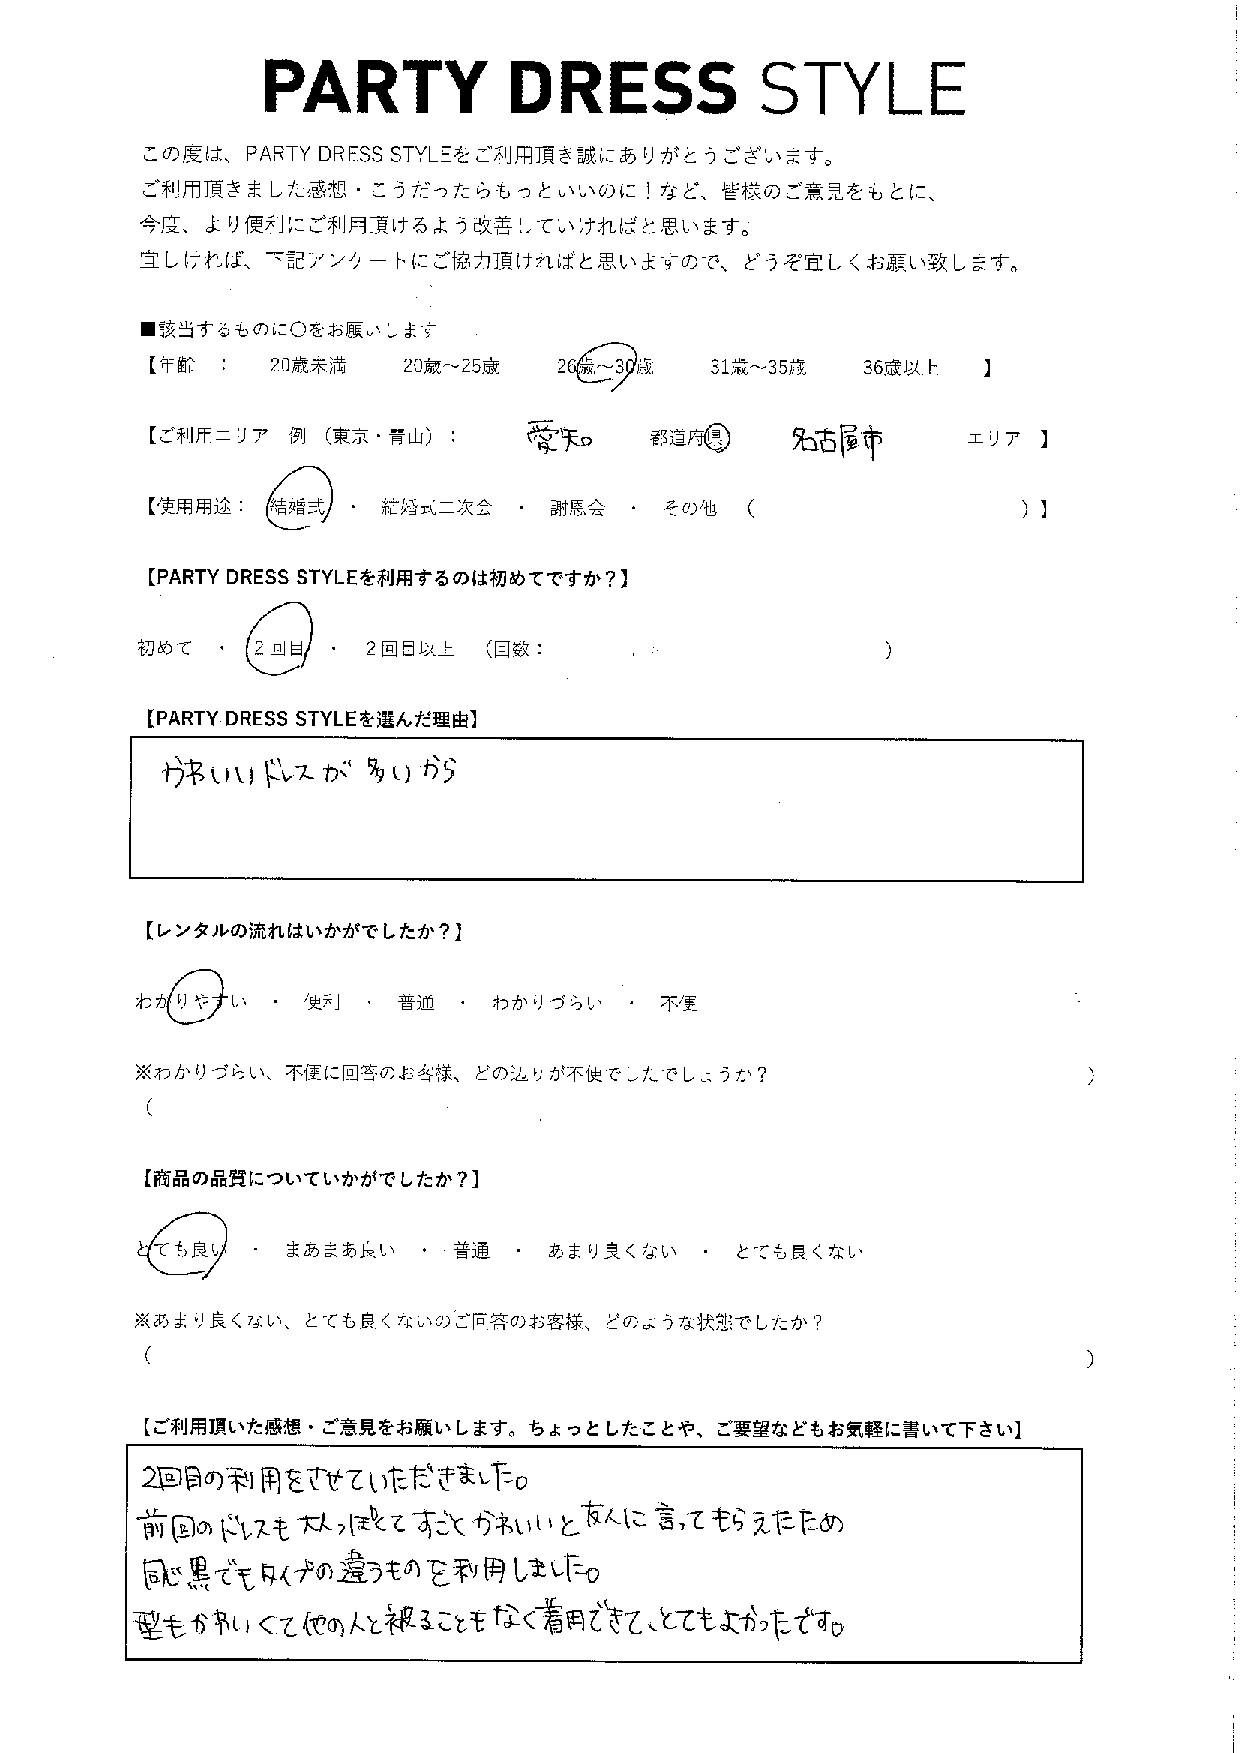 11/16結婚式ご利用 愛知・名古屋エリア